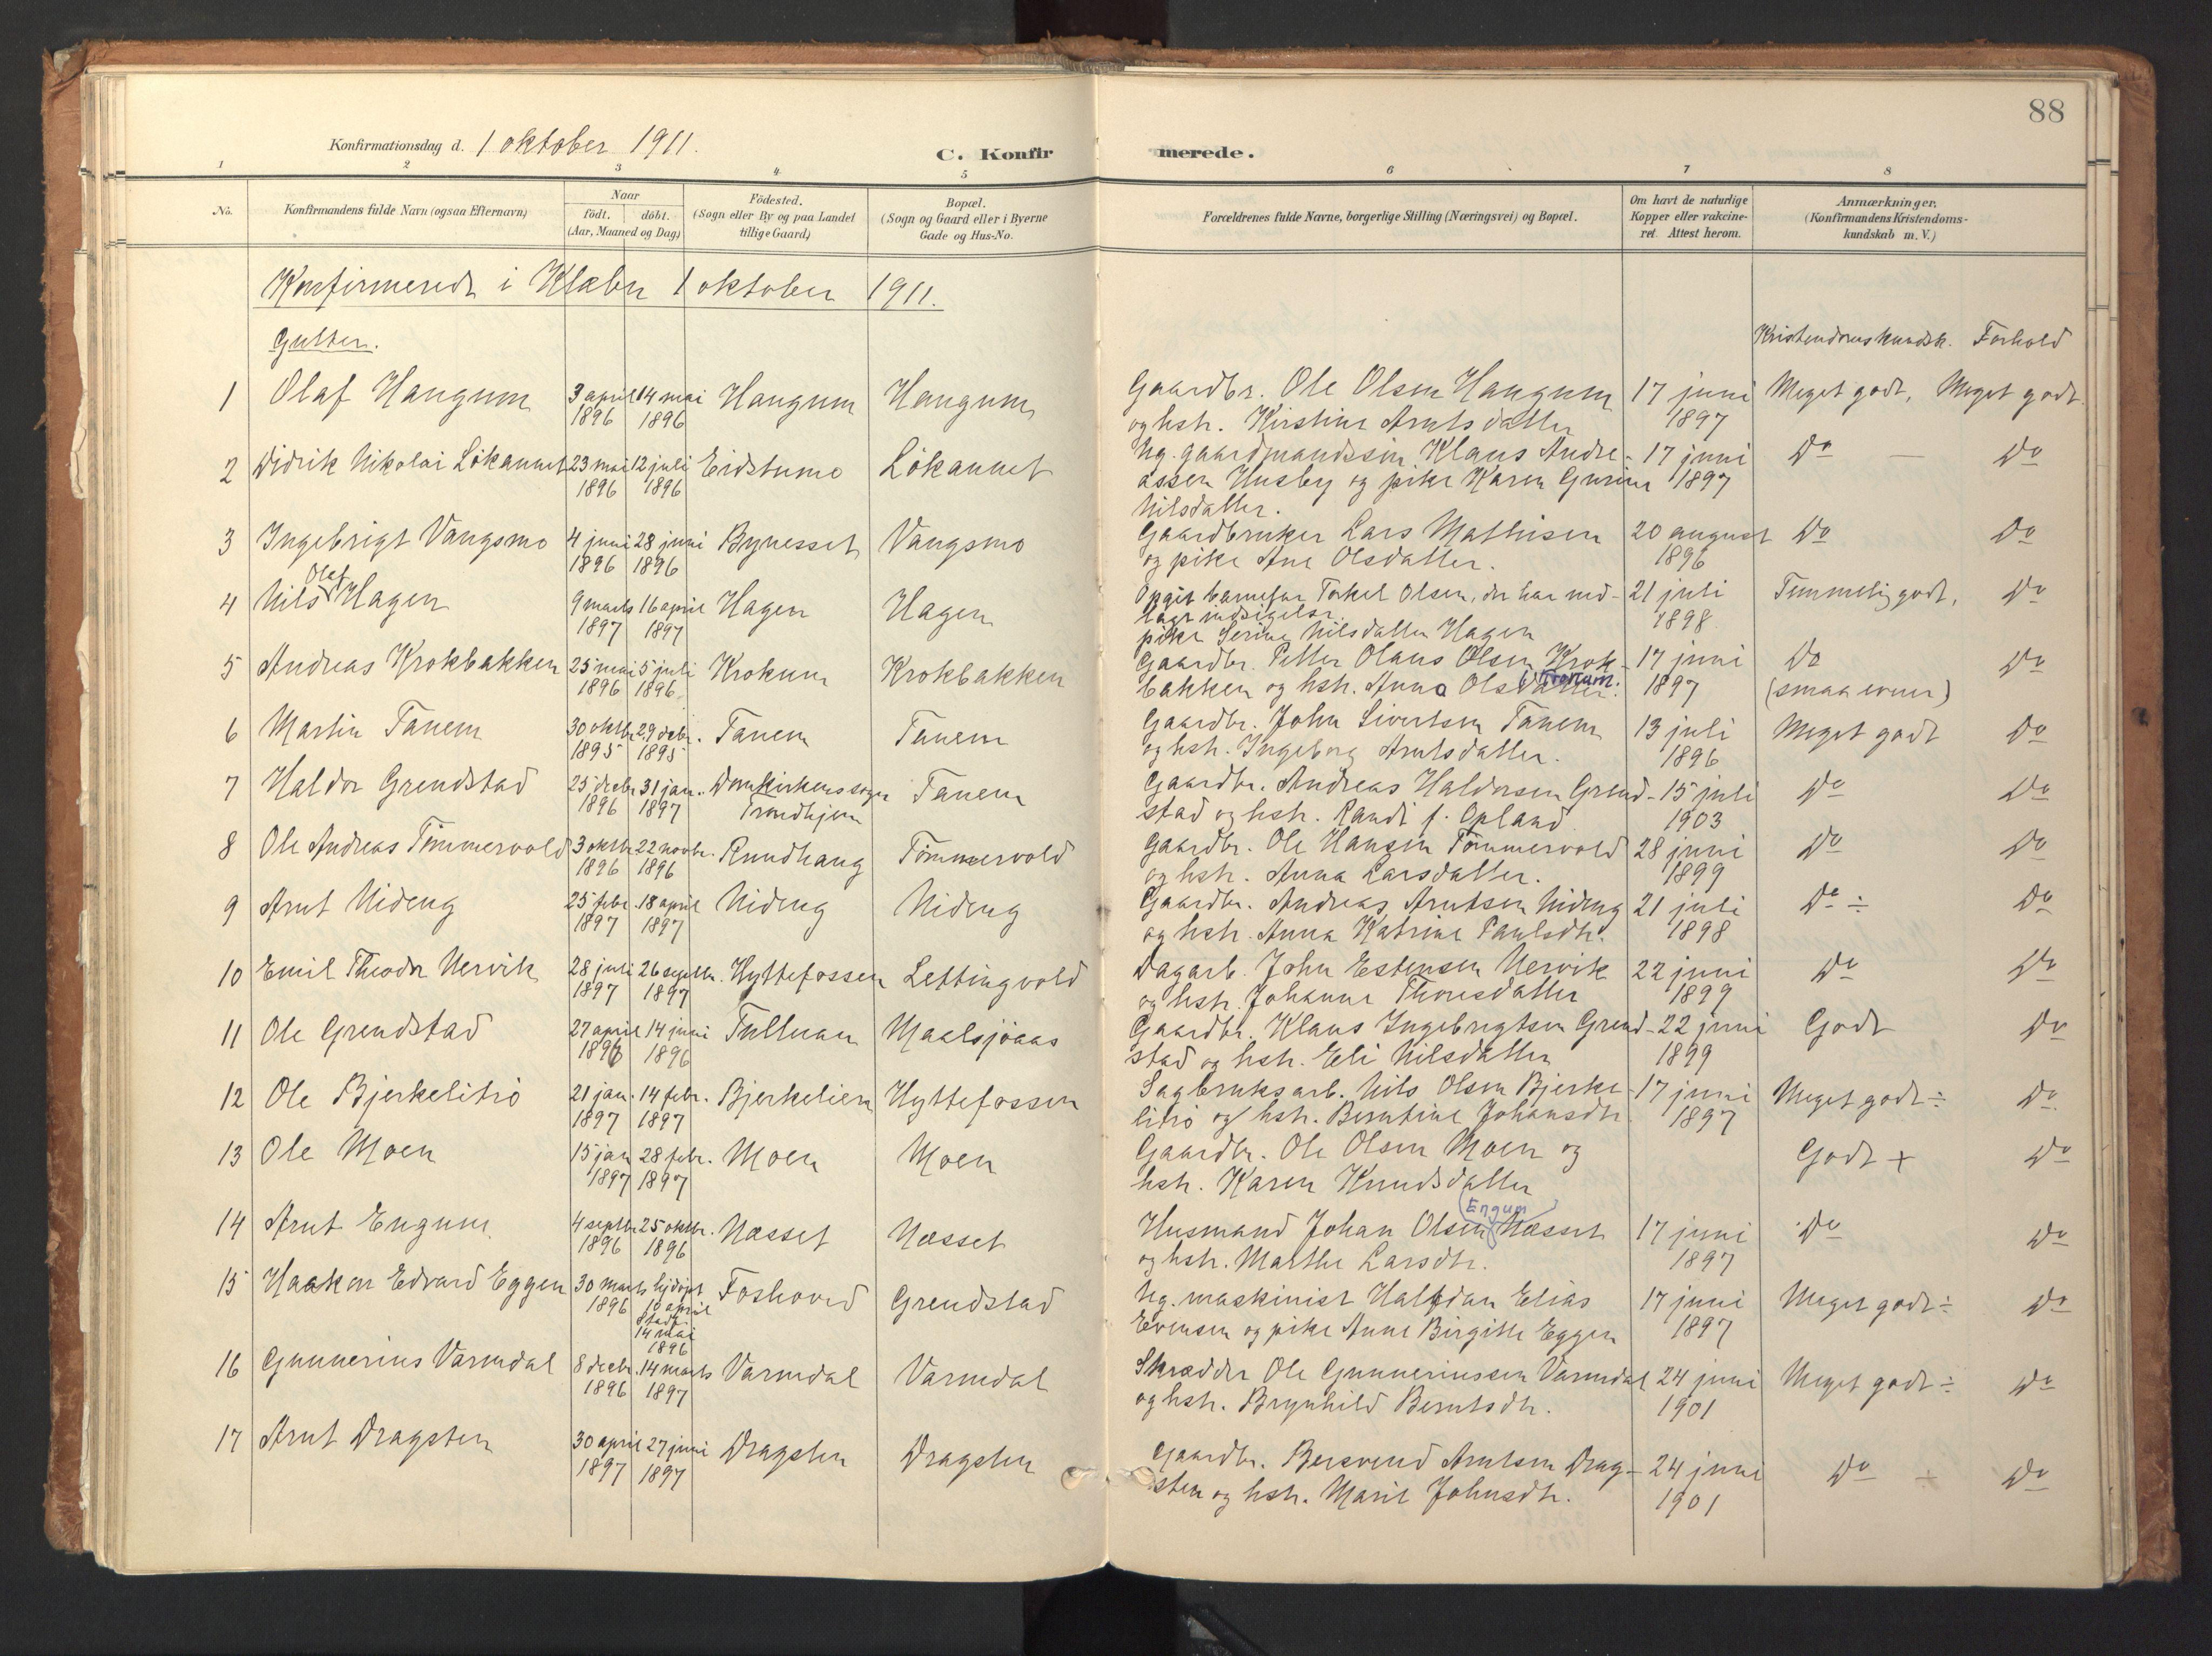 SAT, Ministerialprotokoller, klokkerbøker og fødselsregistre - Sør-Trøndelag, 618/L0448: Ministerialbok nr. 618A11, 1898-1916, s. 88